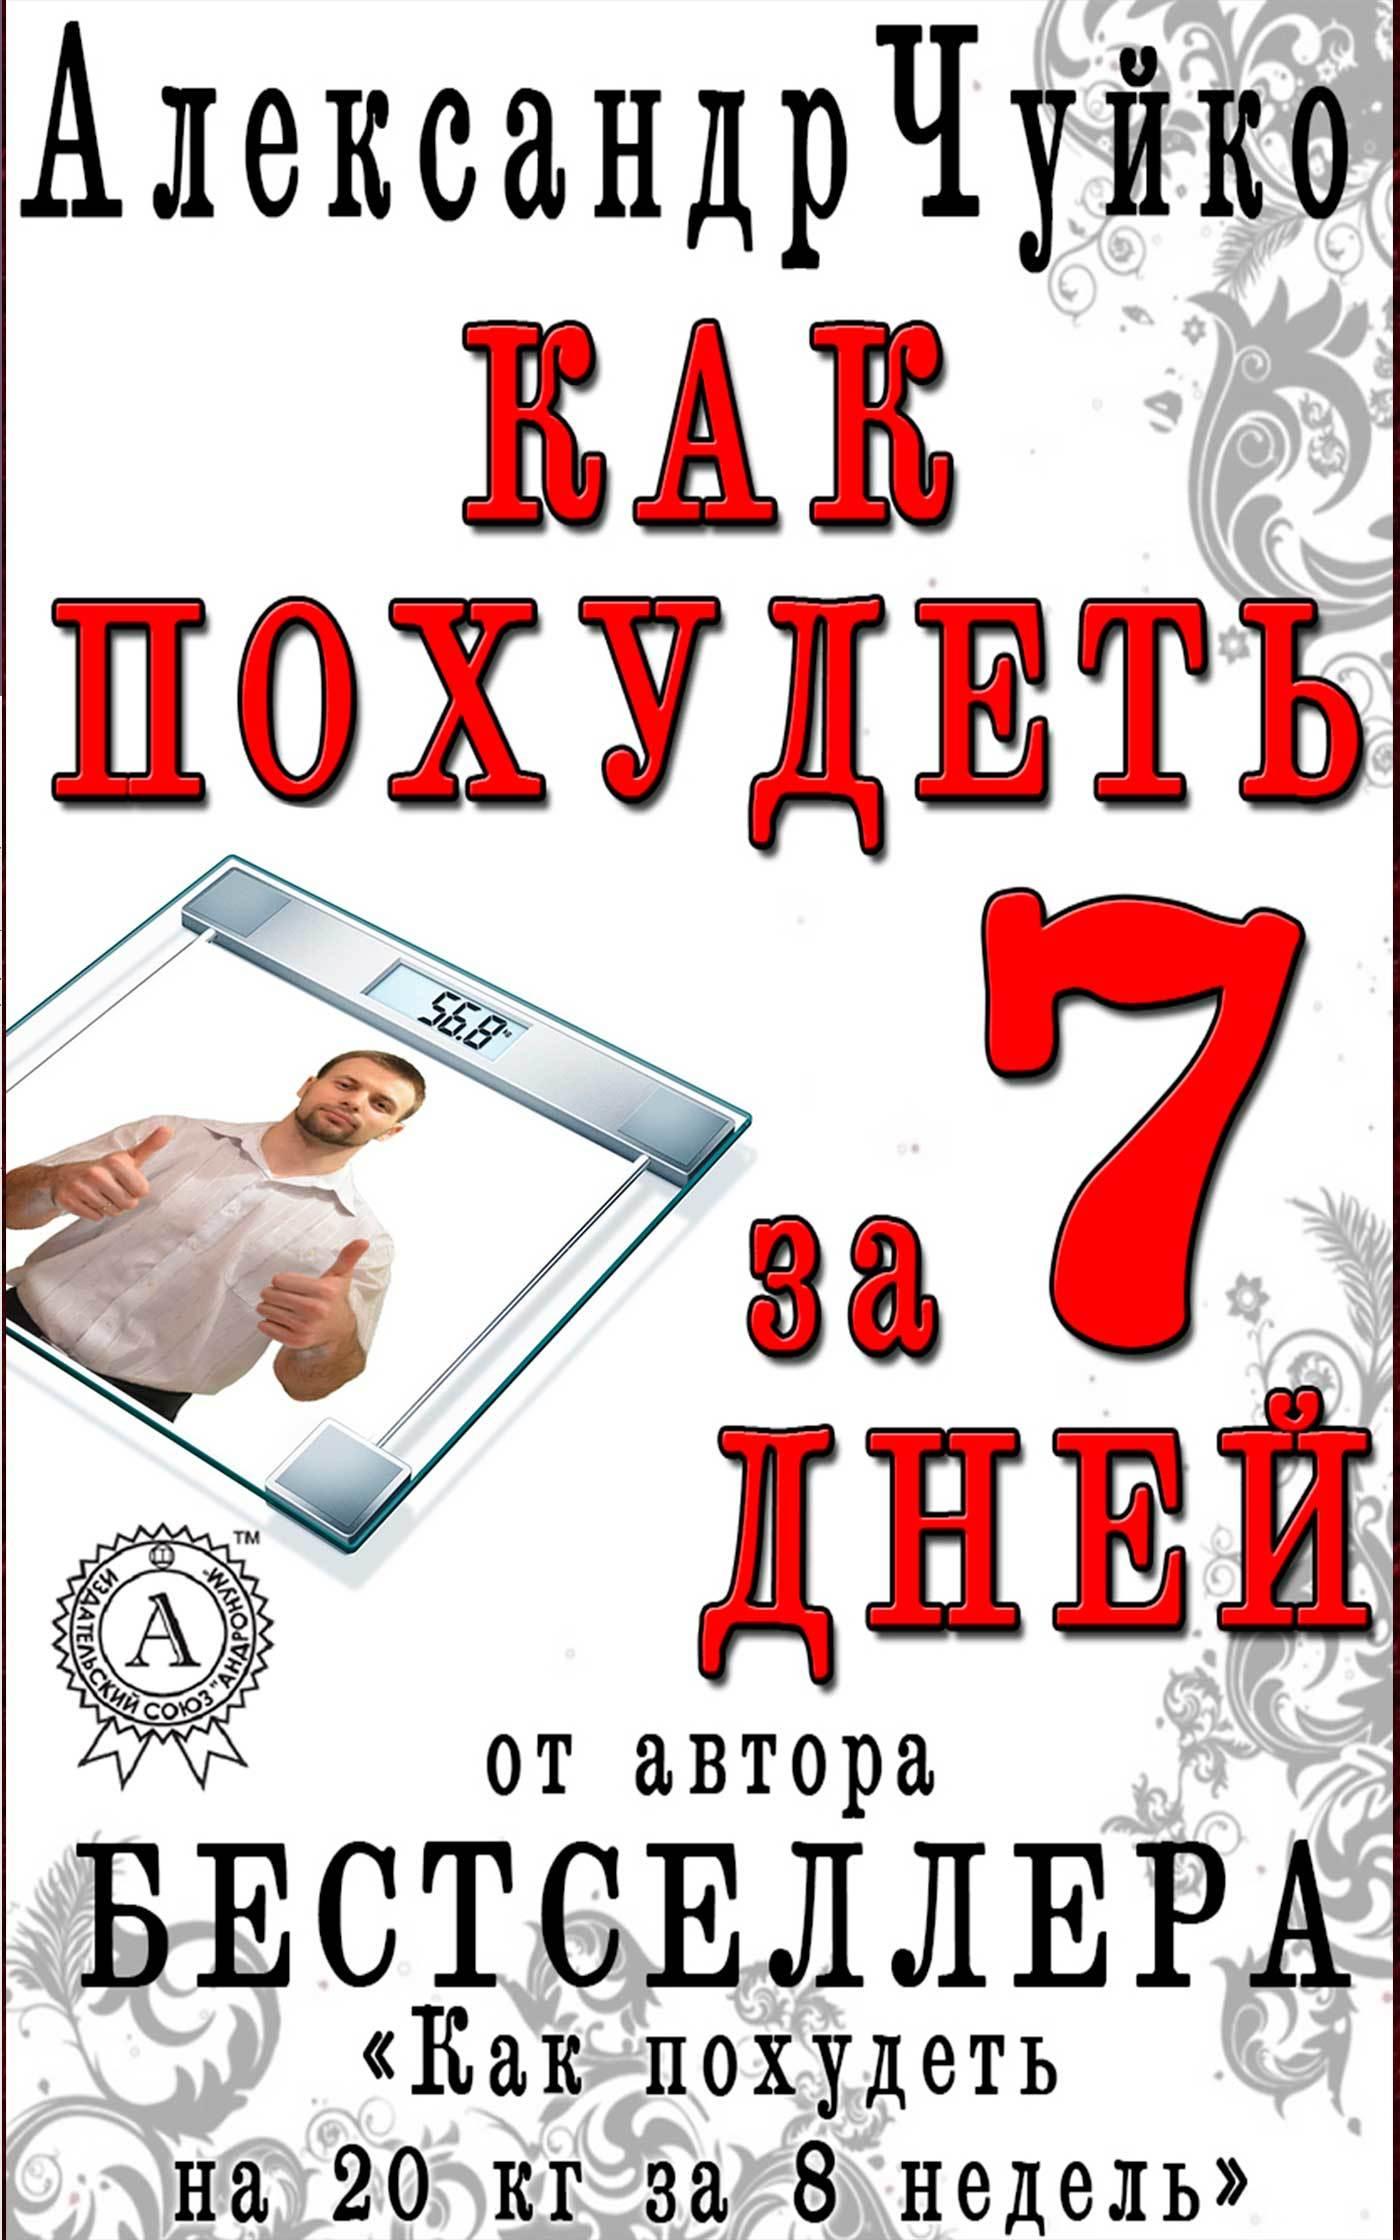 Александр Чуйко Как похудеть за 7 дней. Экспресс-диета александр чуйко как похудеть за 7 дней экспресс диета